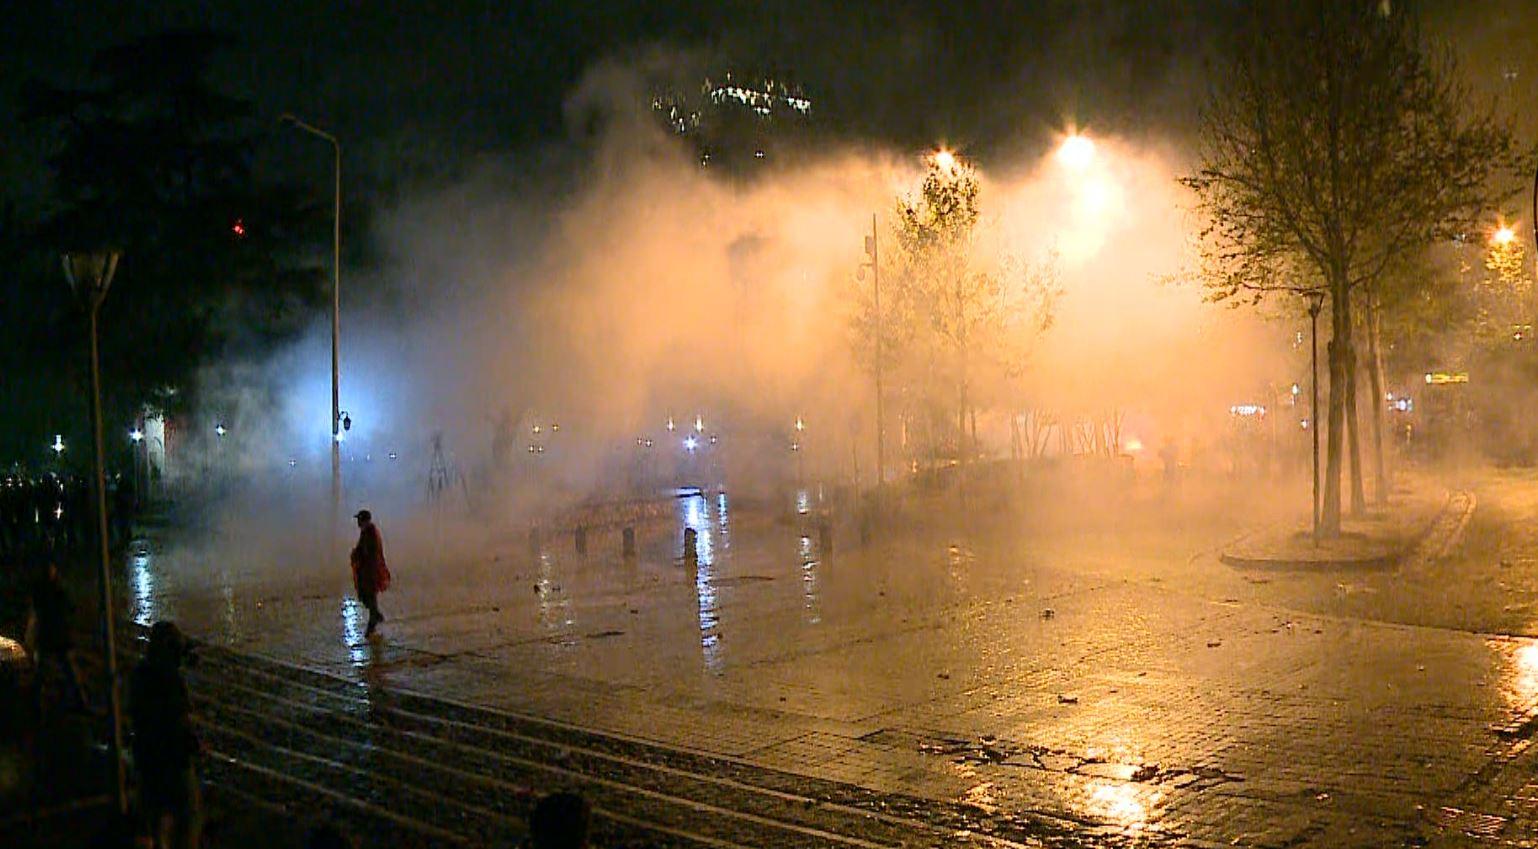 Disa herë gaz lotsjellës ndaj protestuesve tek Kuvendi